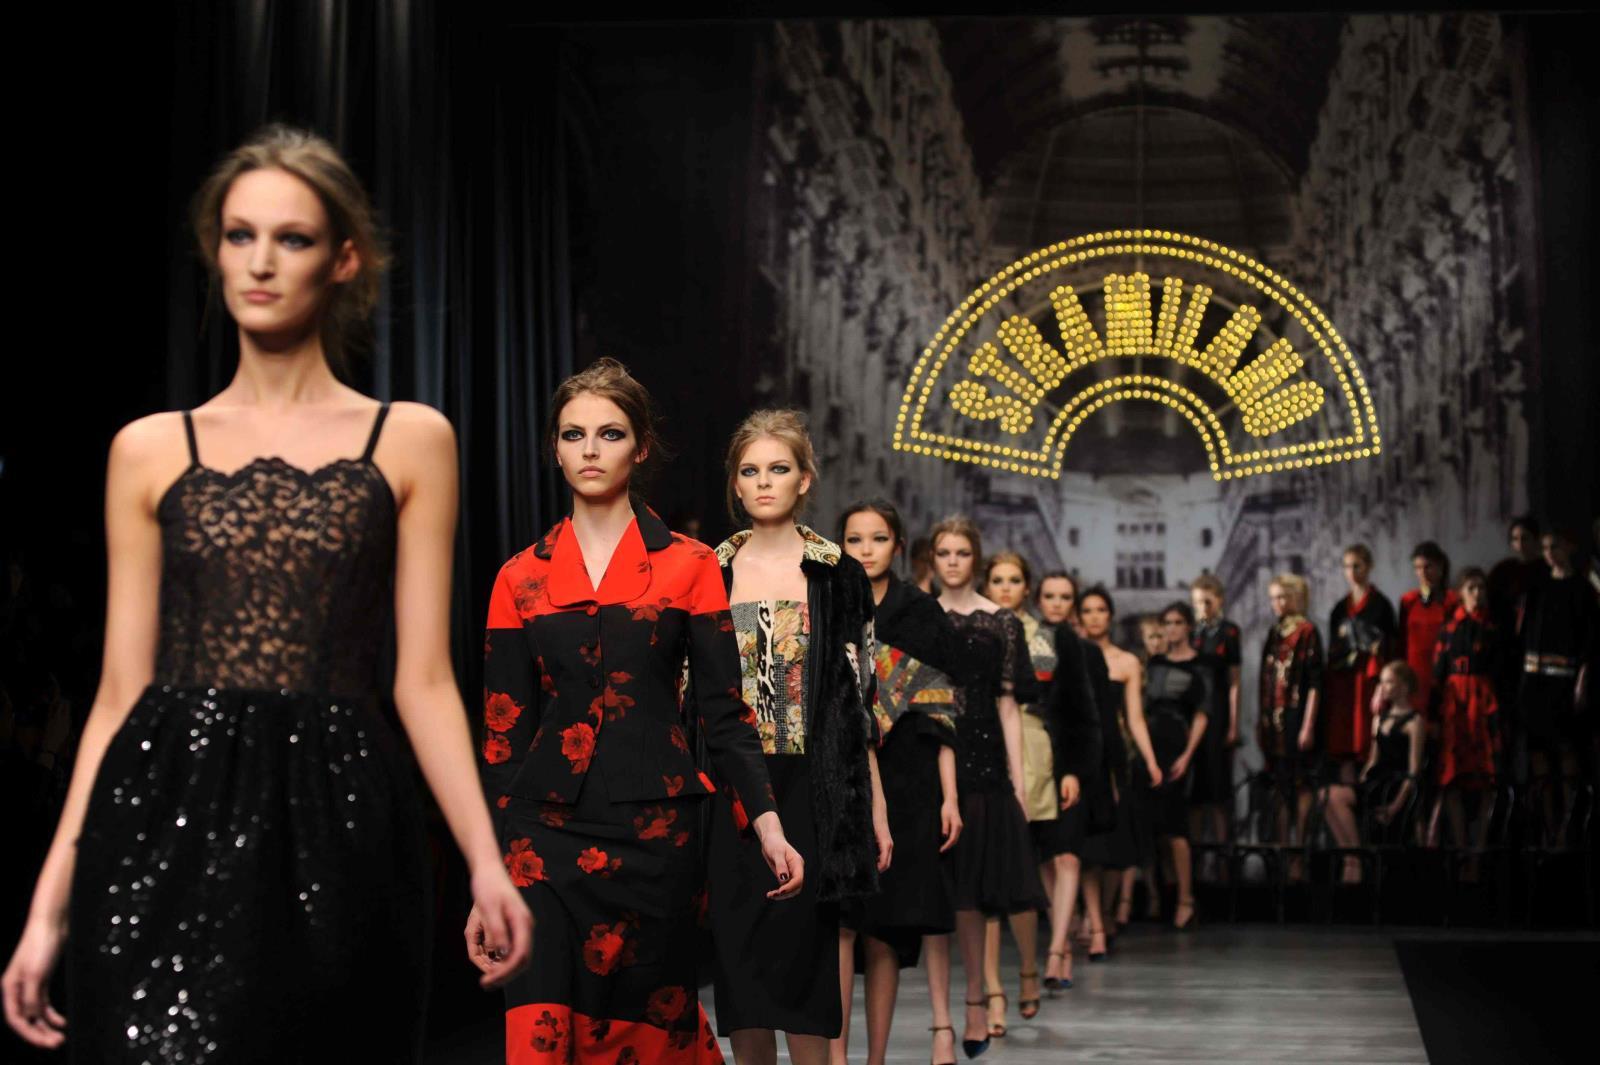 Alternanza scuola lavoro a milano for Scuola superiore moda milano